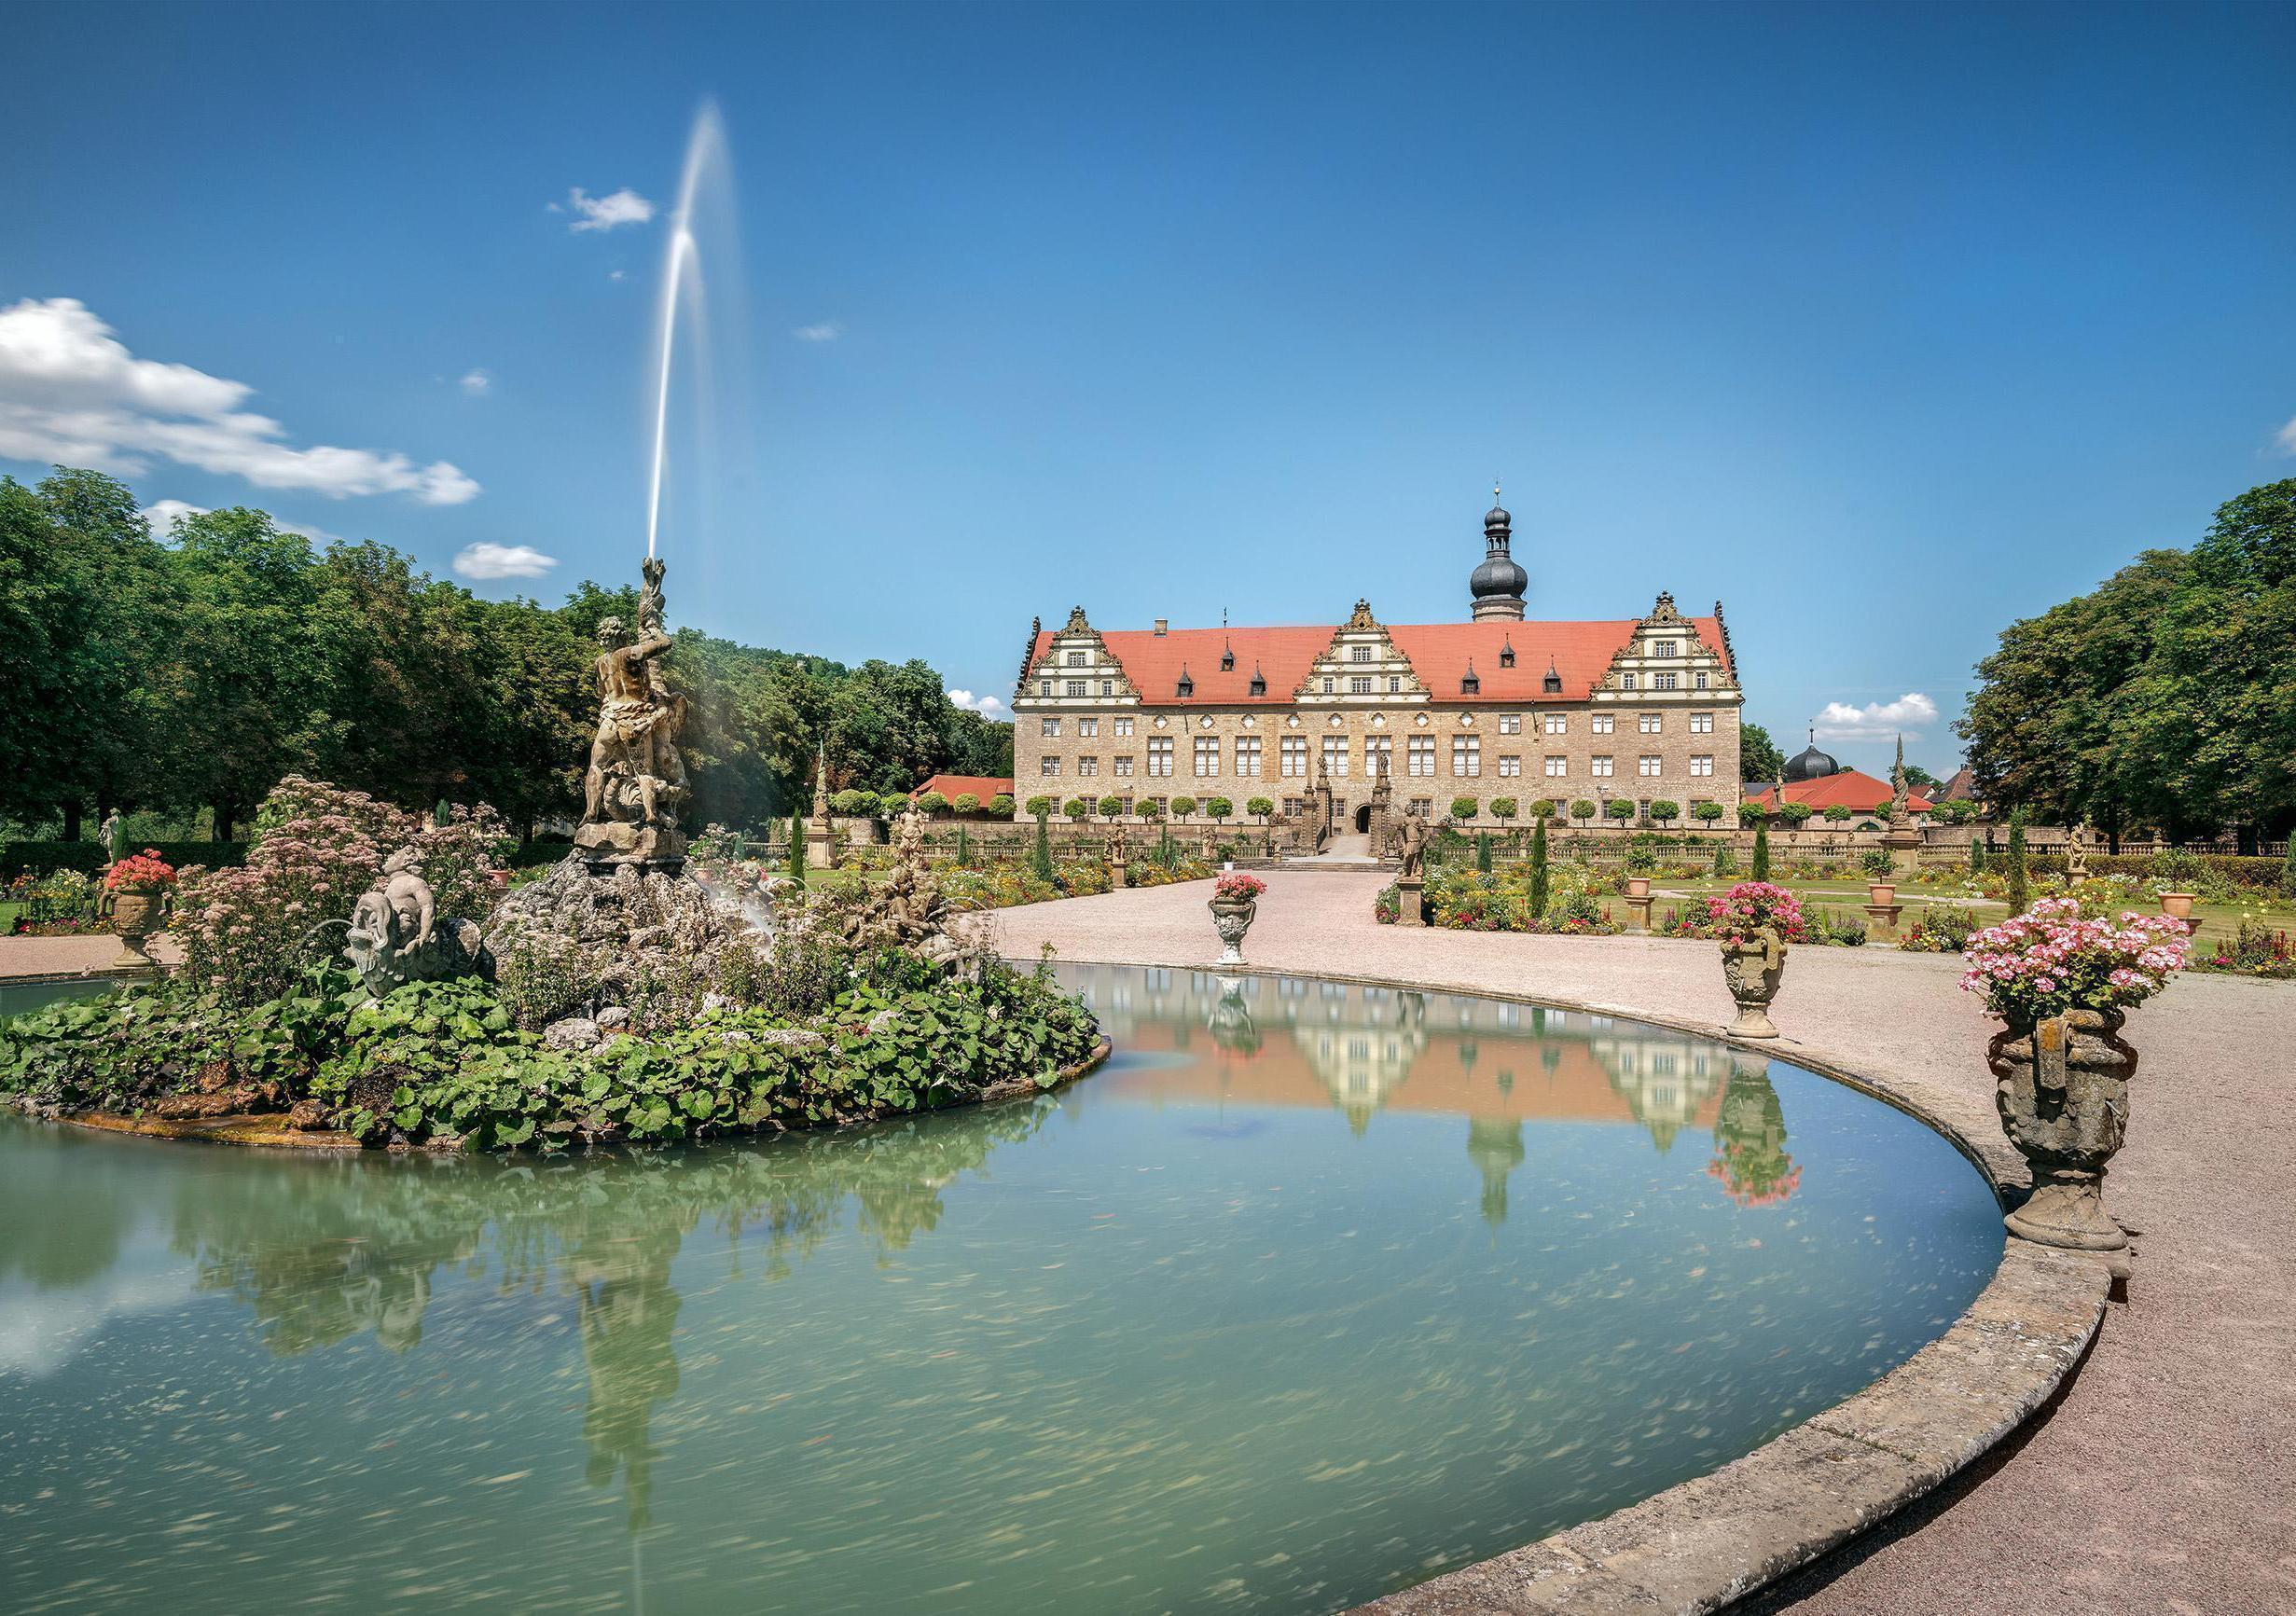 Öffnungszeiten: Staatliche Schlösser und Gärten Baden-Württemberg